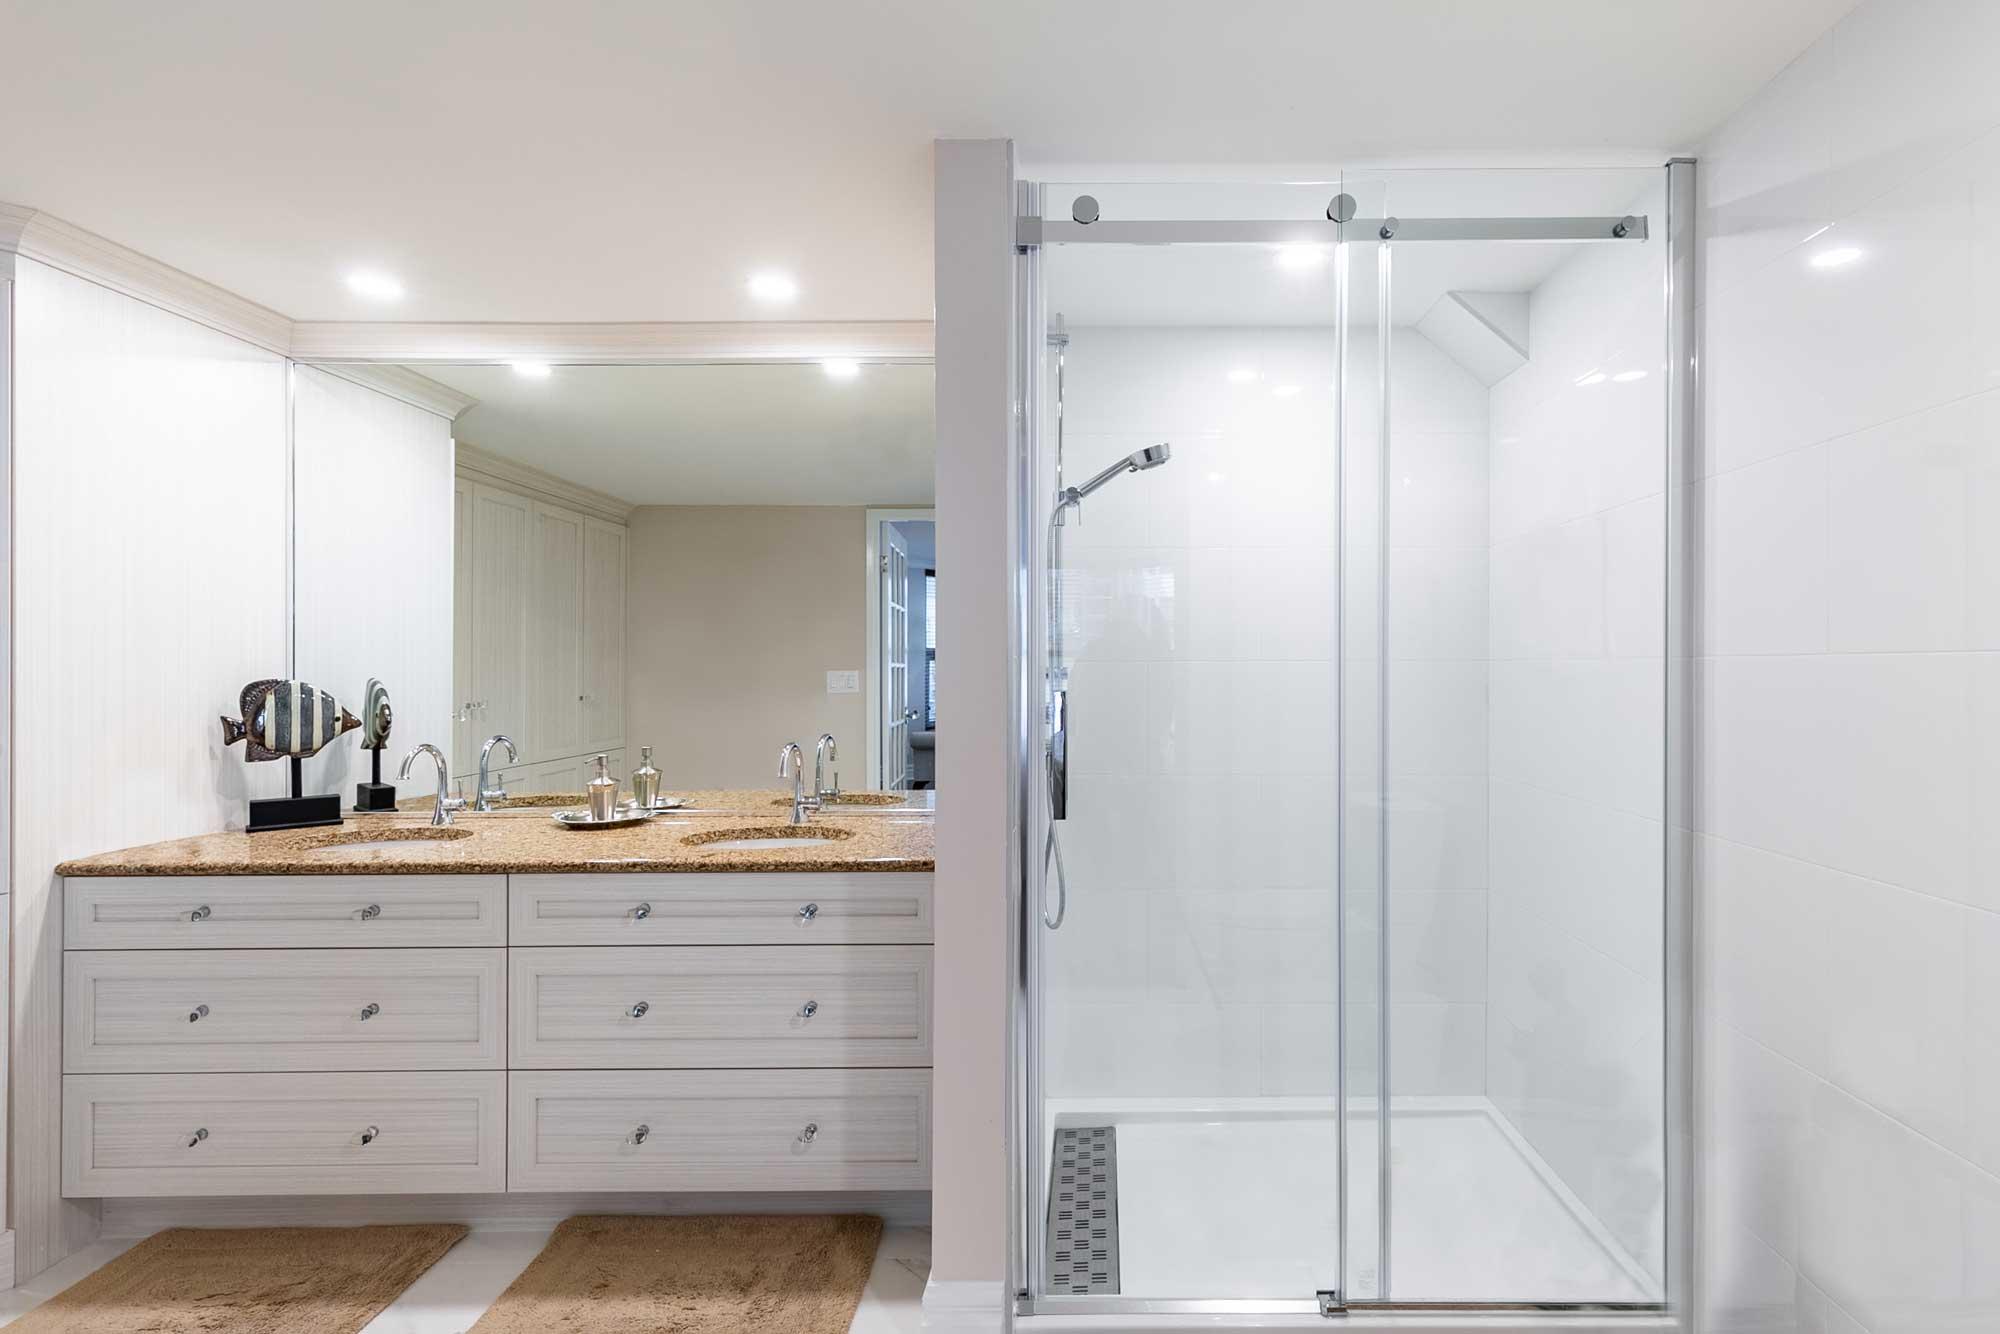 salle de bain rénovée avec vanité suspendue blanche et douche vitrée